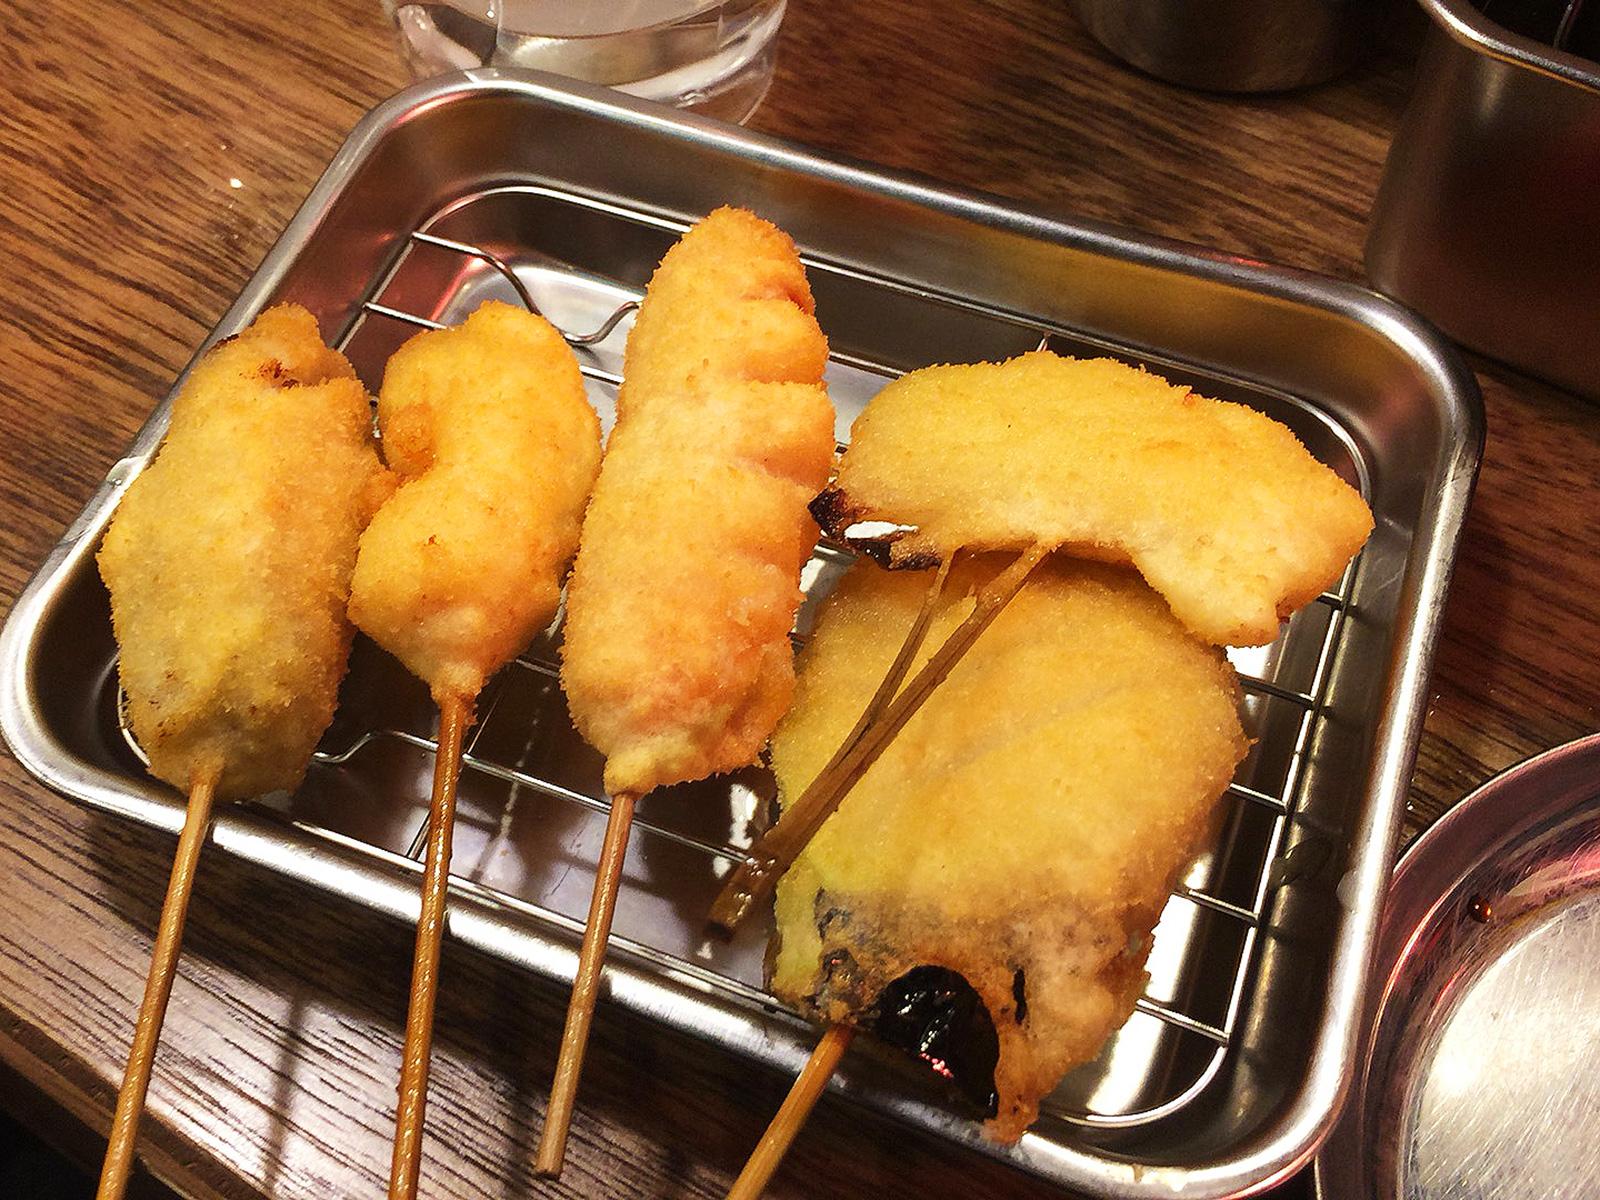 「串カツでんがな」のどて焼きと串カツ @錦3